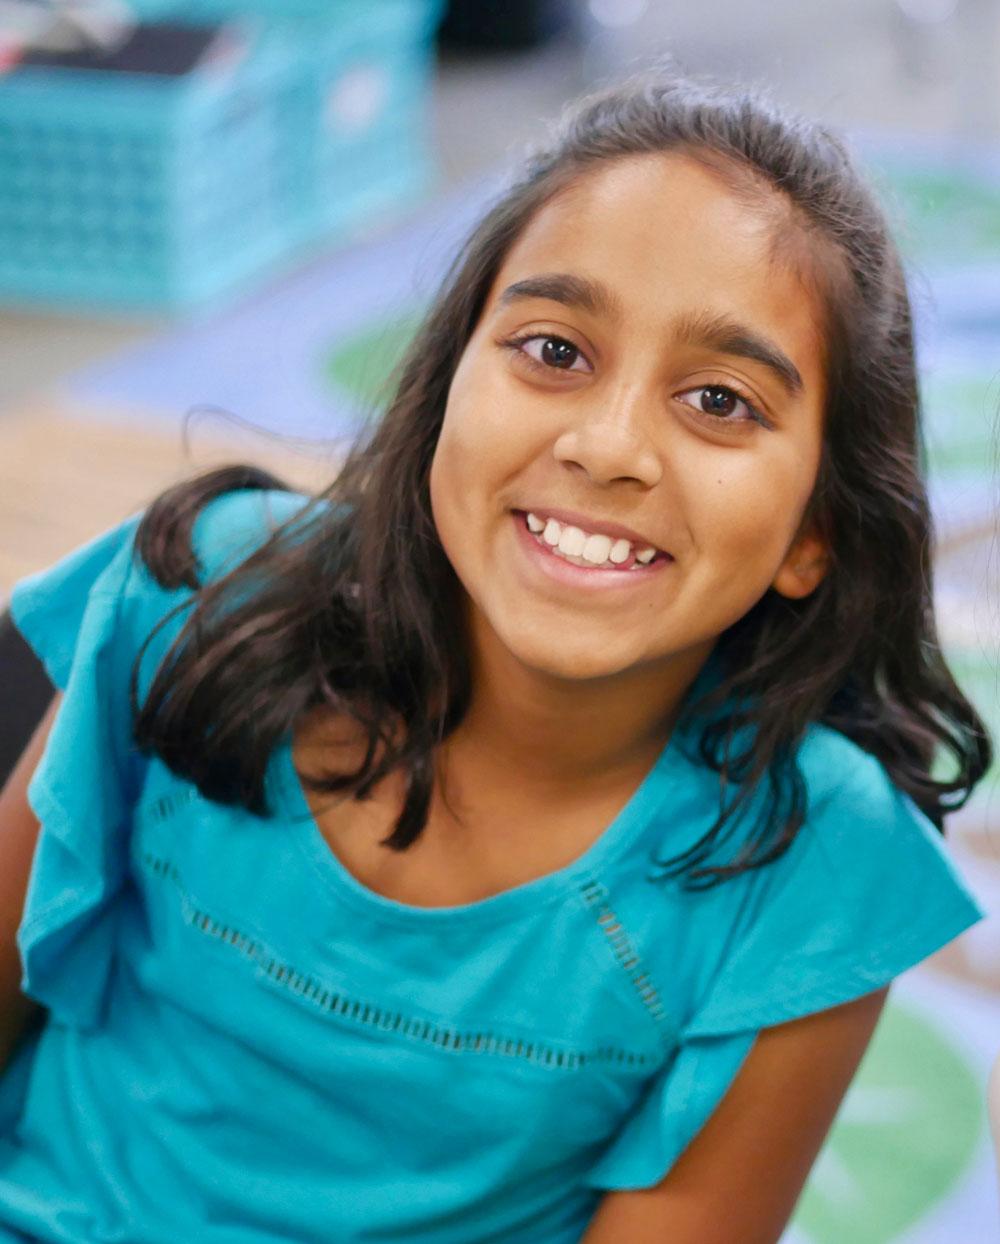 Smiling girl wearing turquoise shirt